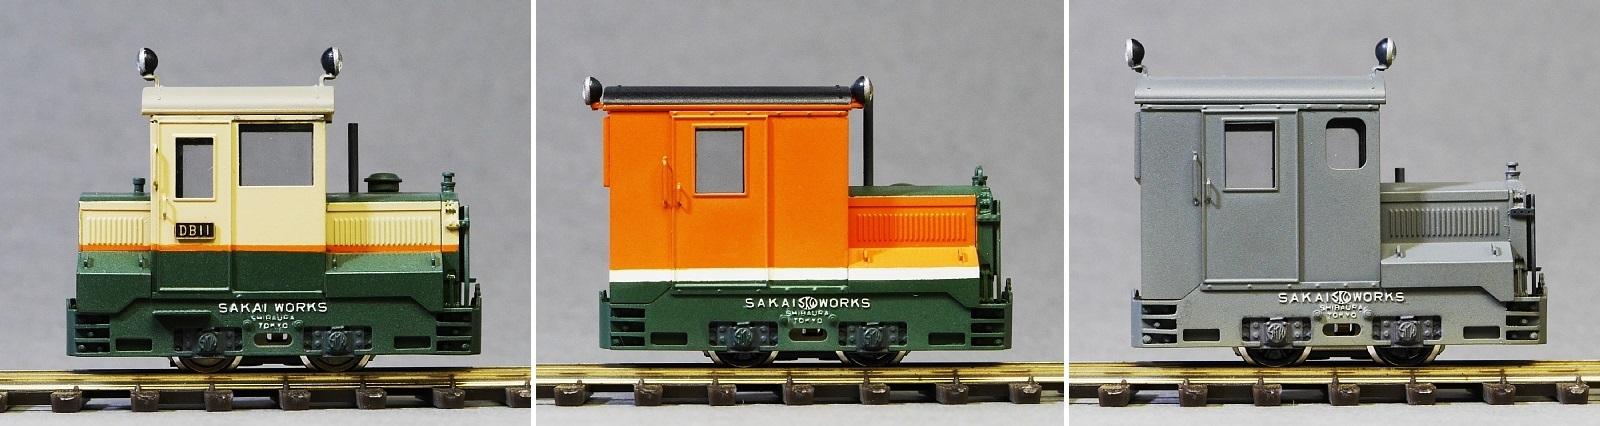 第13回軽便鉄道模型祭 総合ご案内_a0100812_02504772.jpg